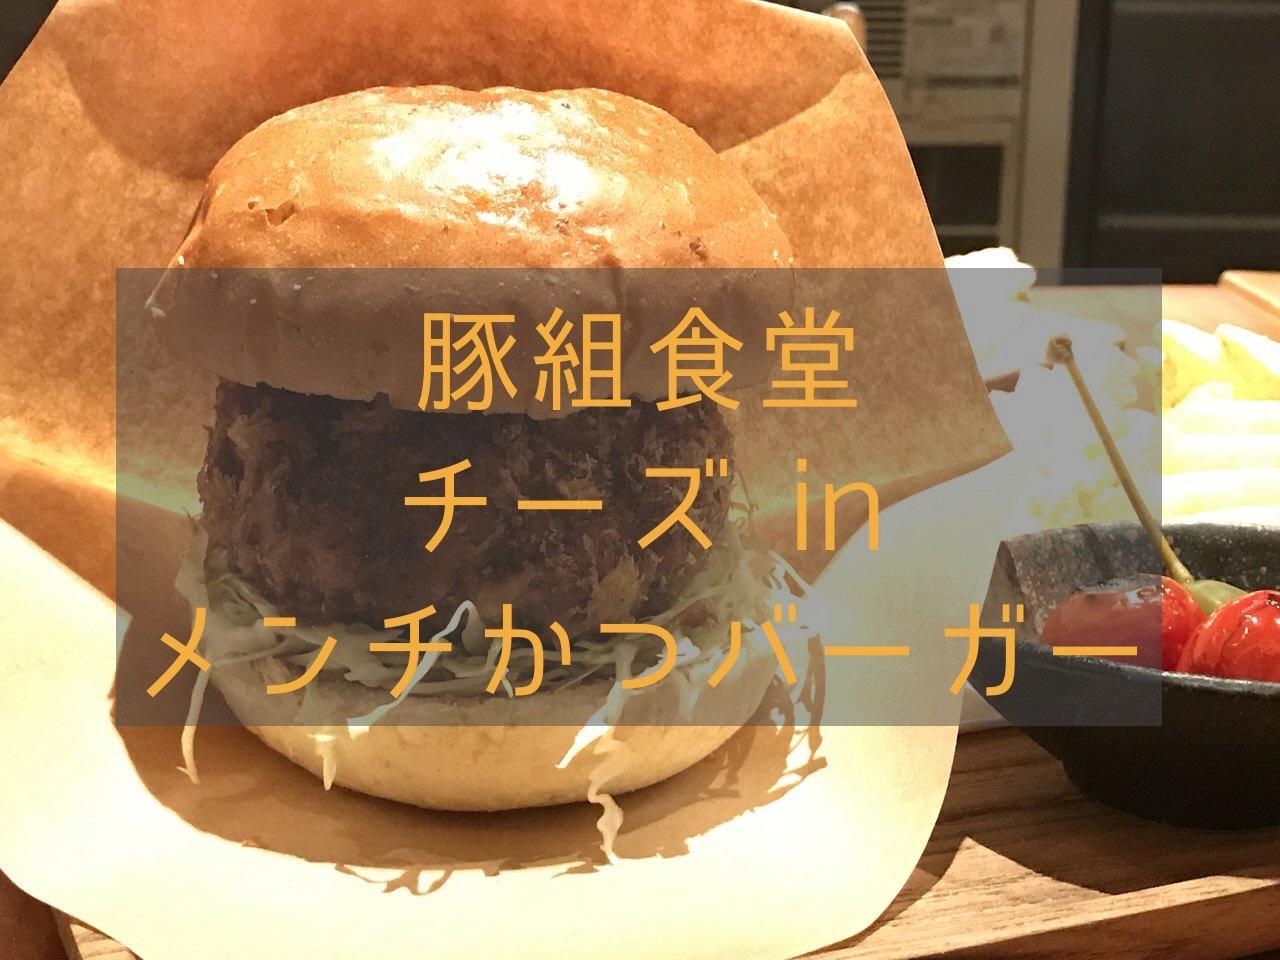 【豚組食堂】3段階に味変する驚異の「チーズ in メンチかつバーガー」【期間限定】